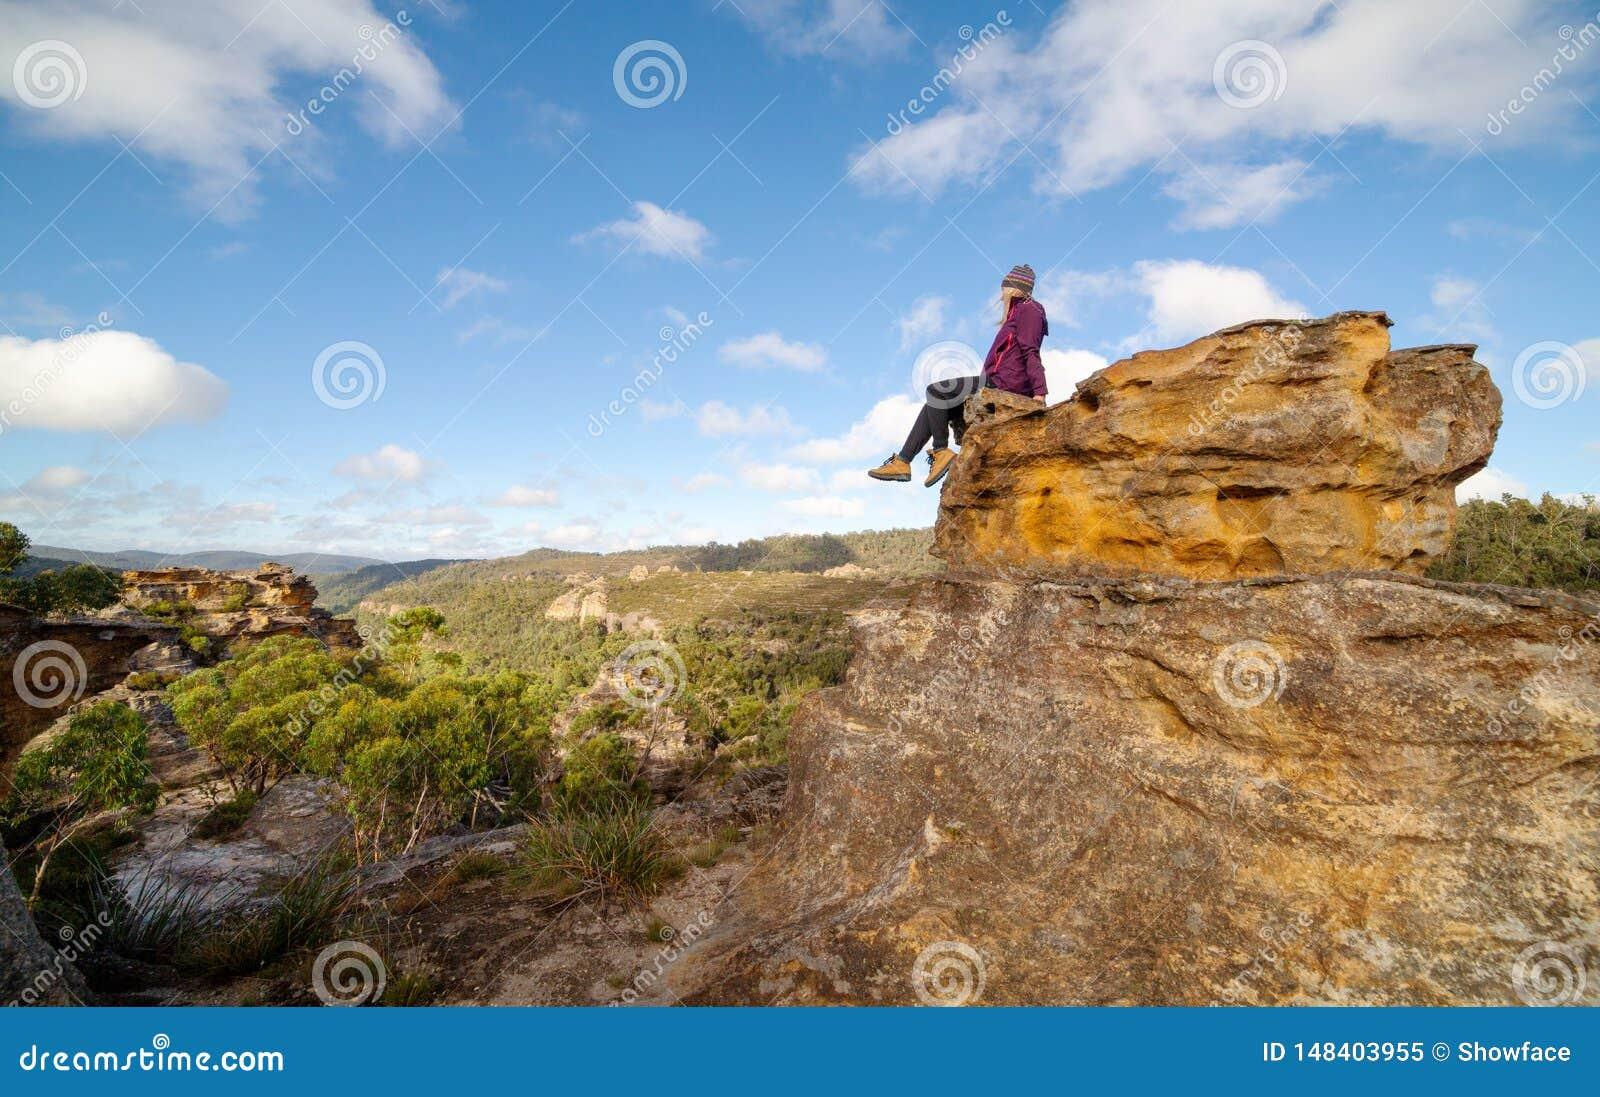 Een bushwalker zit hoog boven op een landschap van pagoden, valleien, geulen en canions